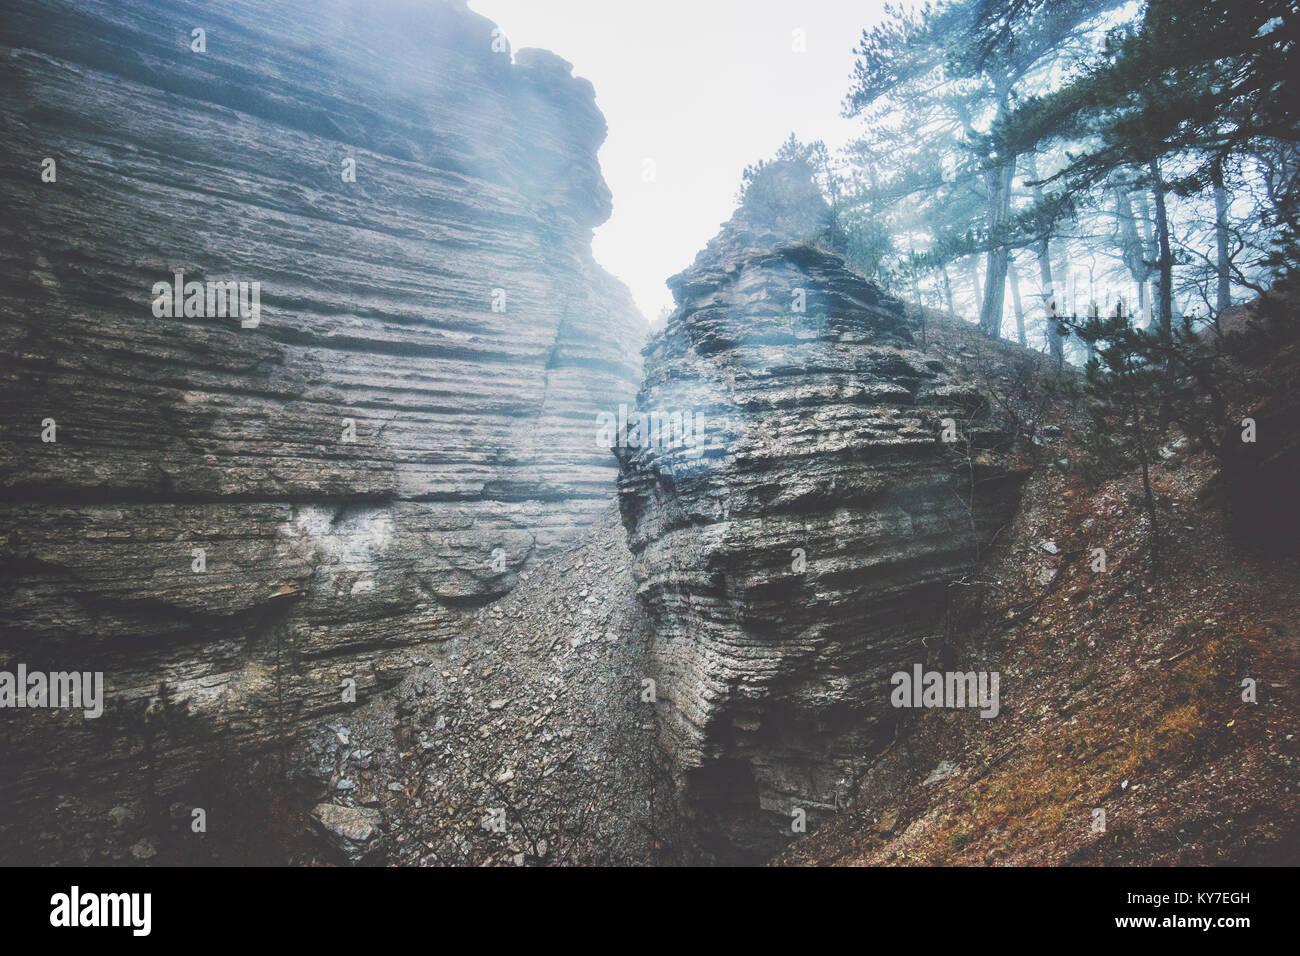 Montagnes Rocheuses et de forêts de brouillard vue panoramique du paysage paysage serein Voyage jour de pluie Photo Stock